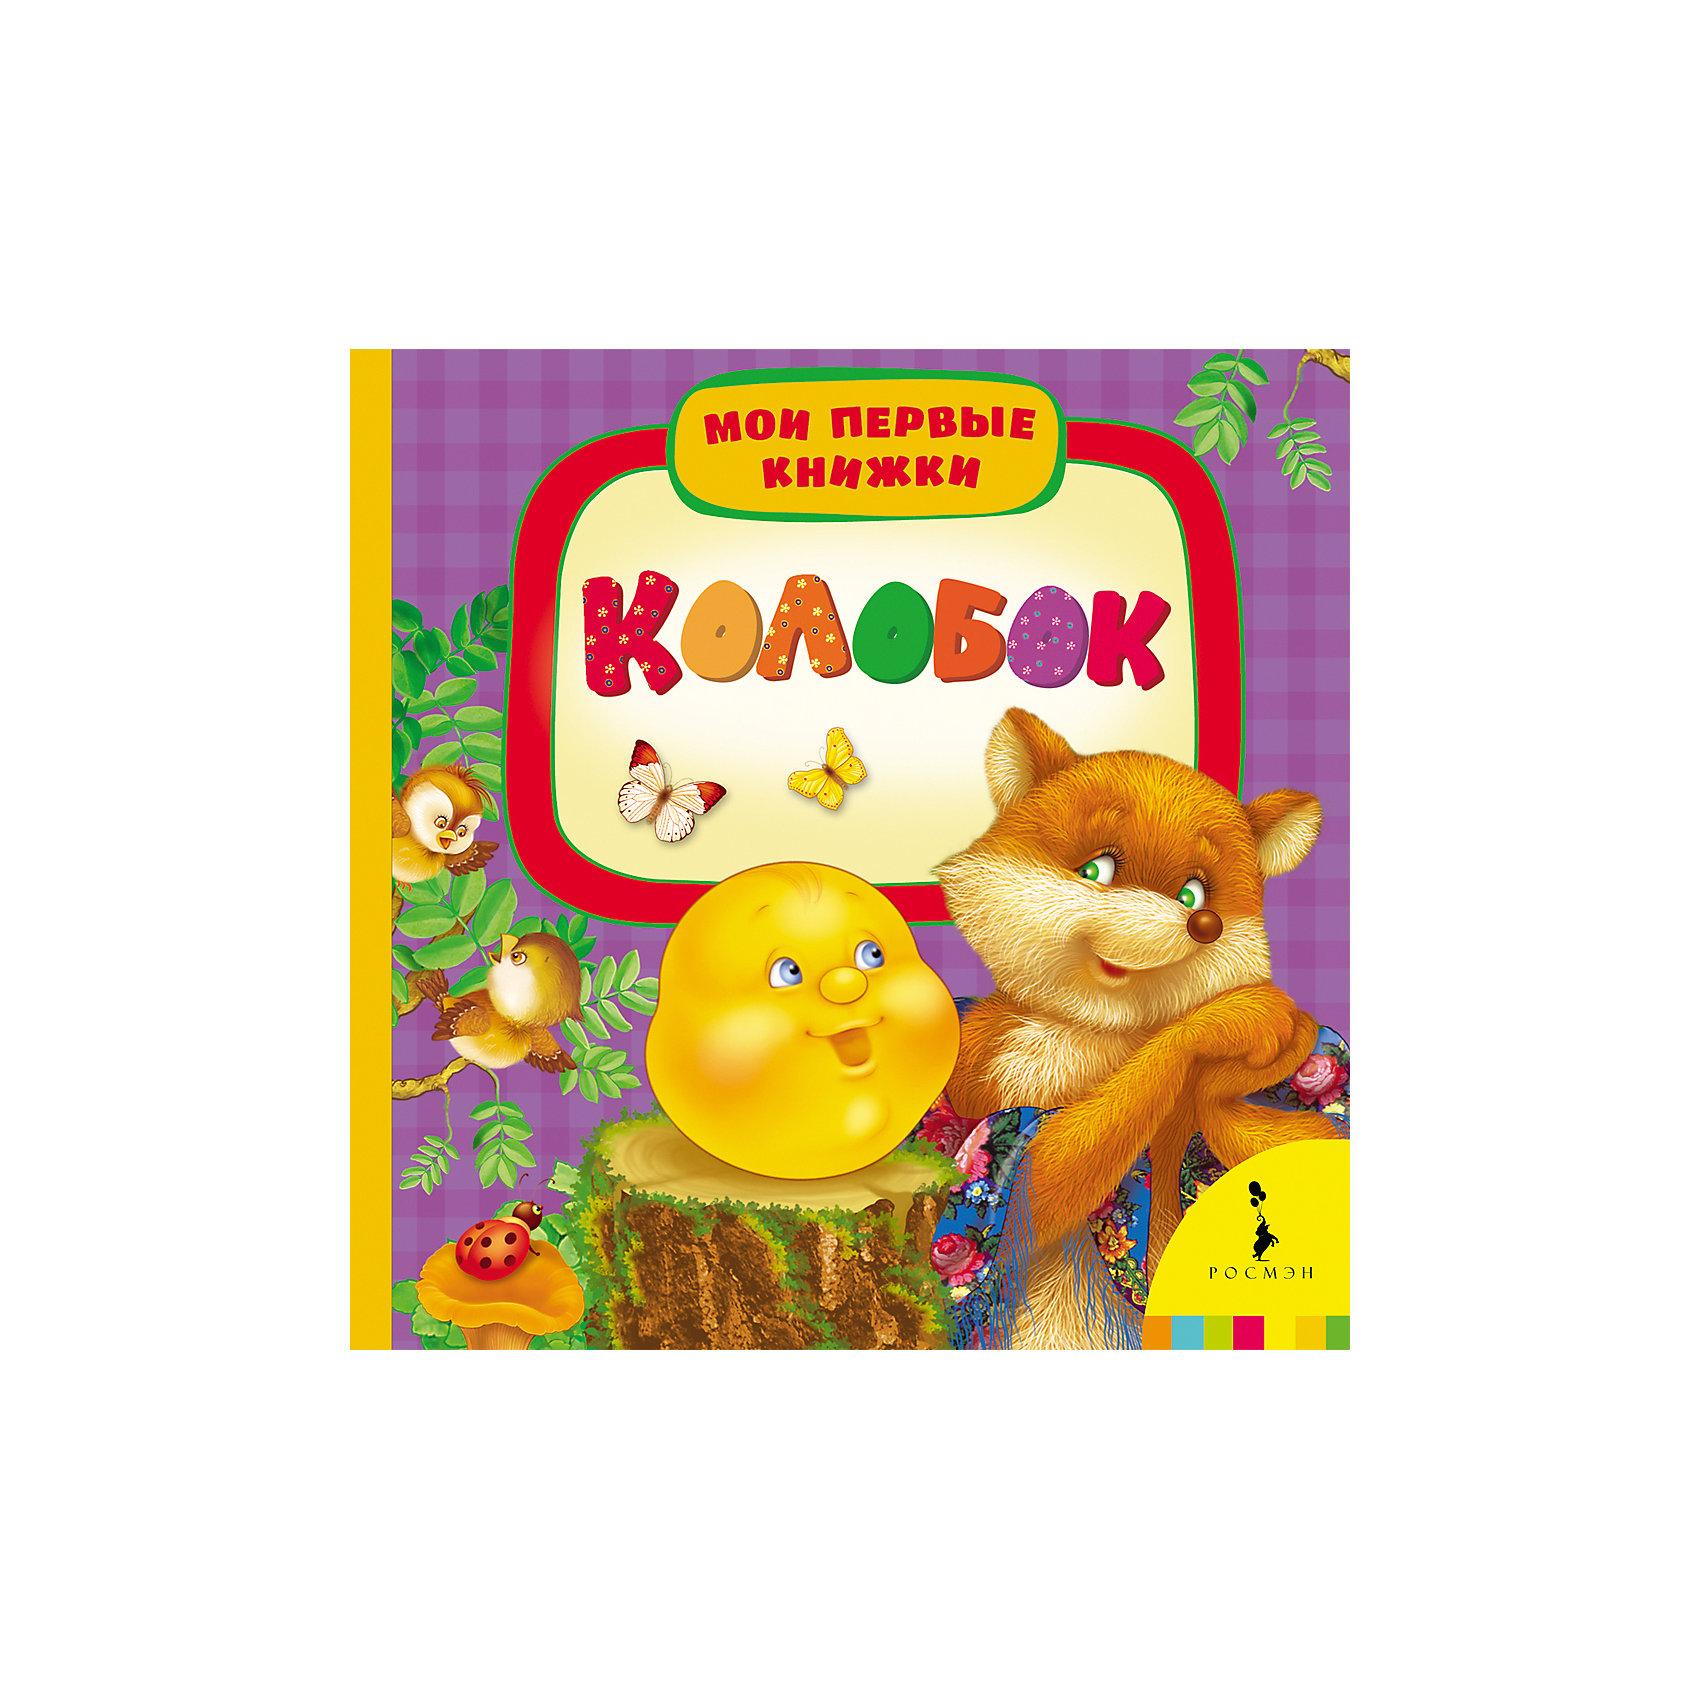 Росмэн Колобок, Мои первые книжки книжки картонки росмэн первые книжки малыша гадкий утёнок